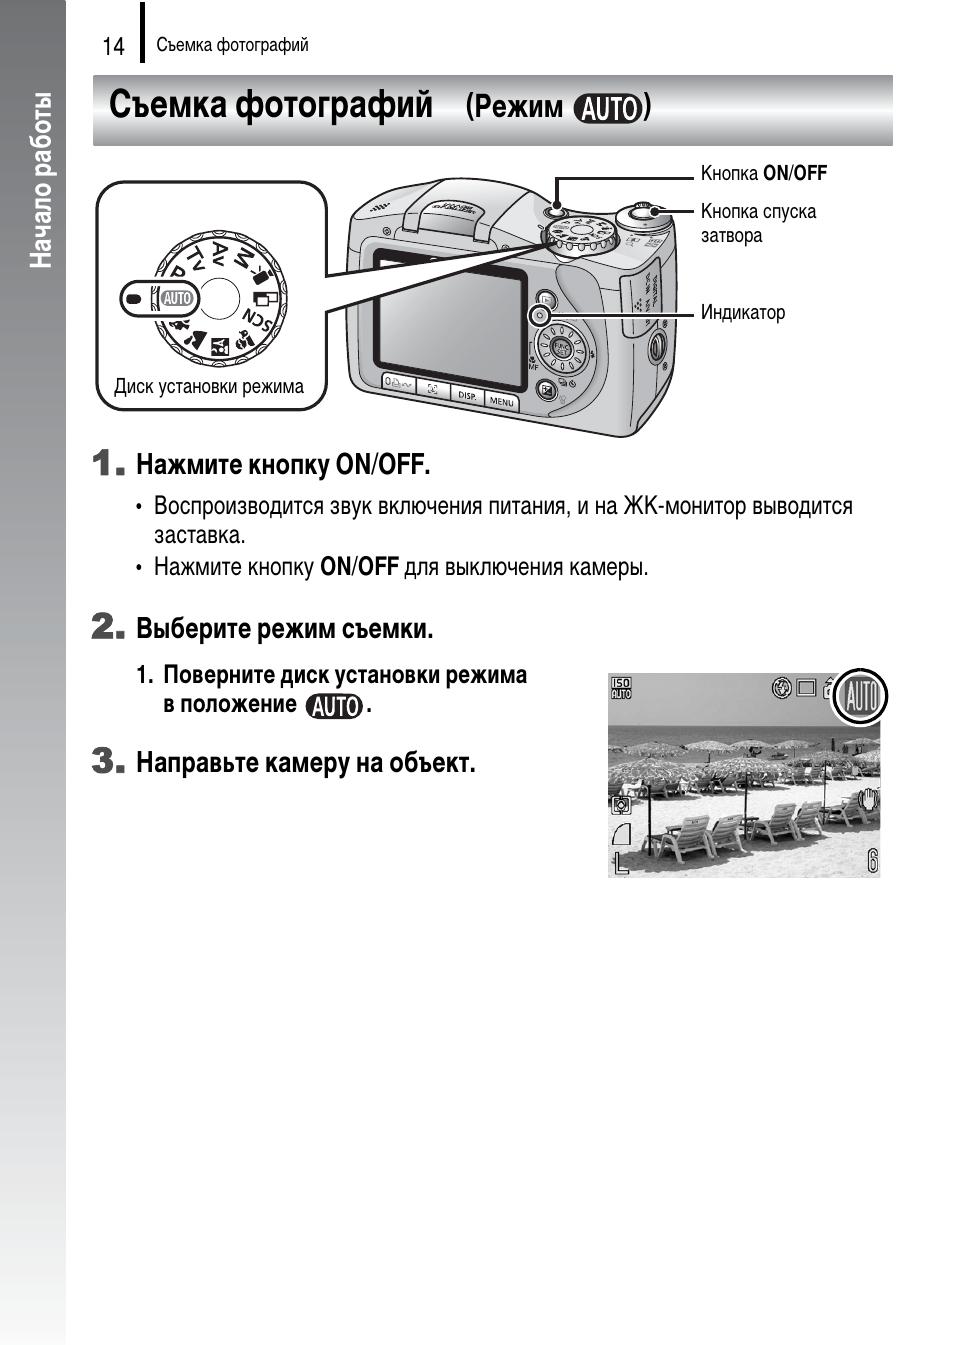 Как фотографировать в режиме мануал определения